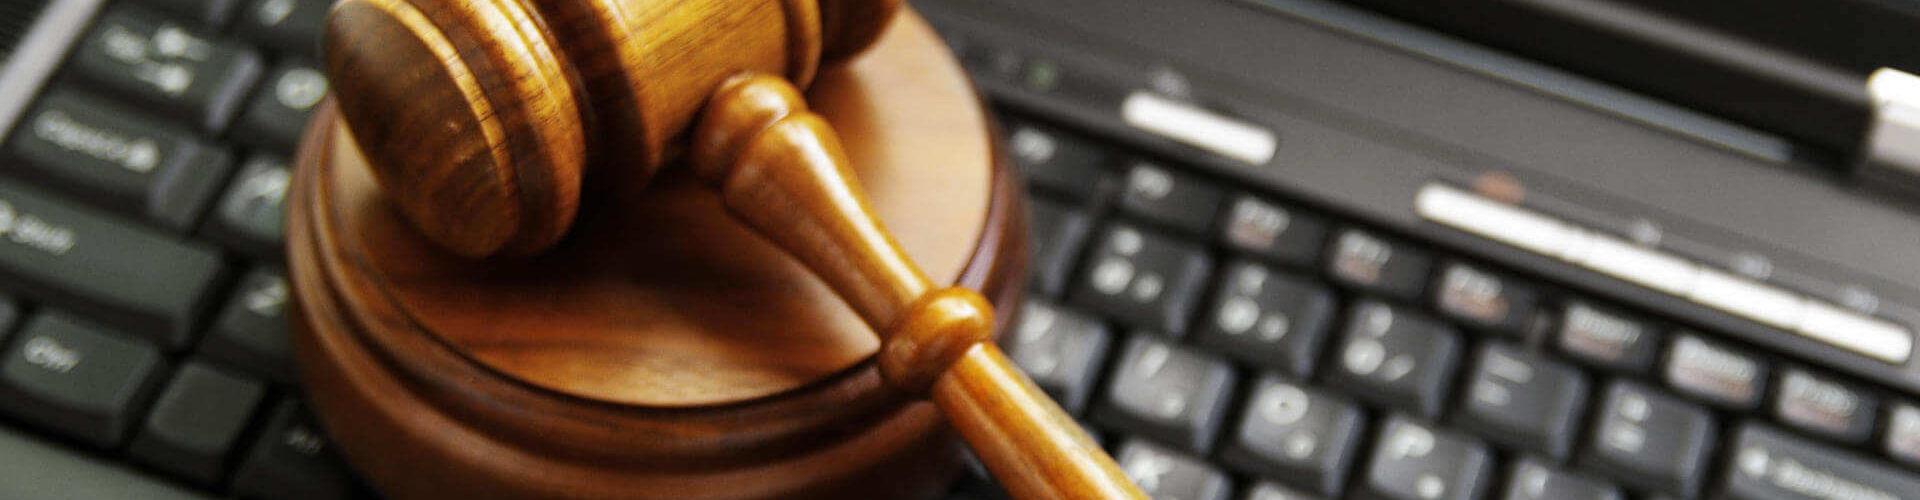 Юрист онлайн консультация бесплатно без телефона и регистрации